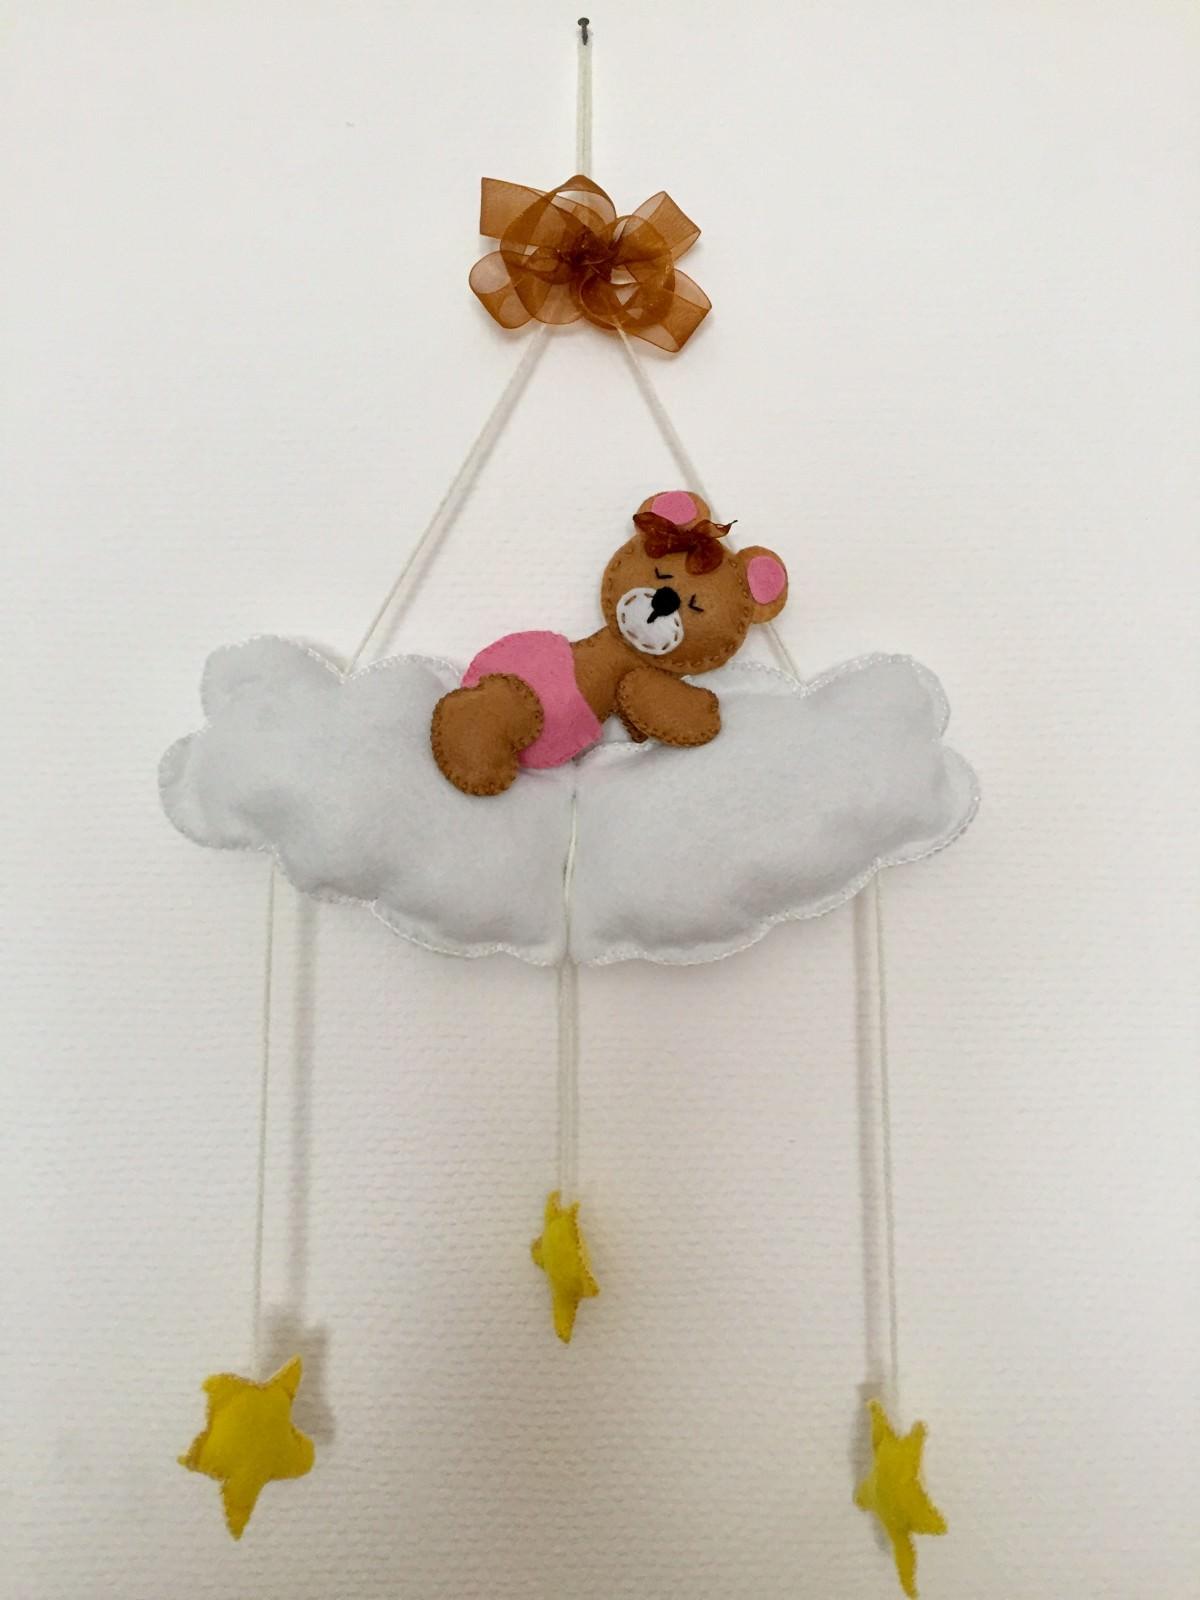 - Teddy-Bär auf einer Wolke - Mobile / Wanddeko - Teddy-Bär auf einer Wolke - Mobile / Wanddeko